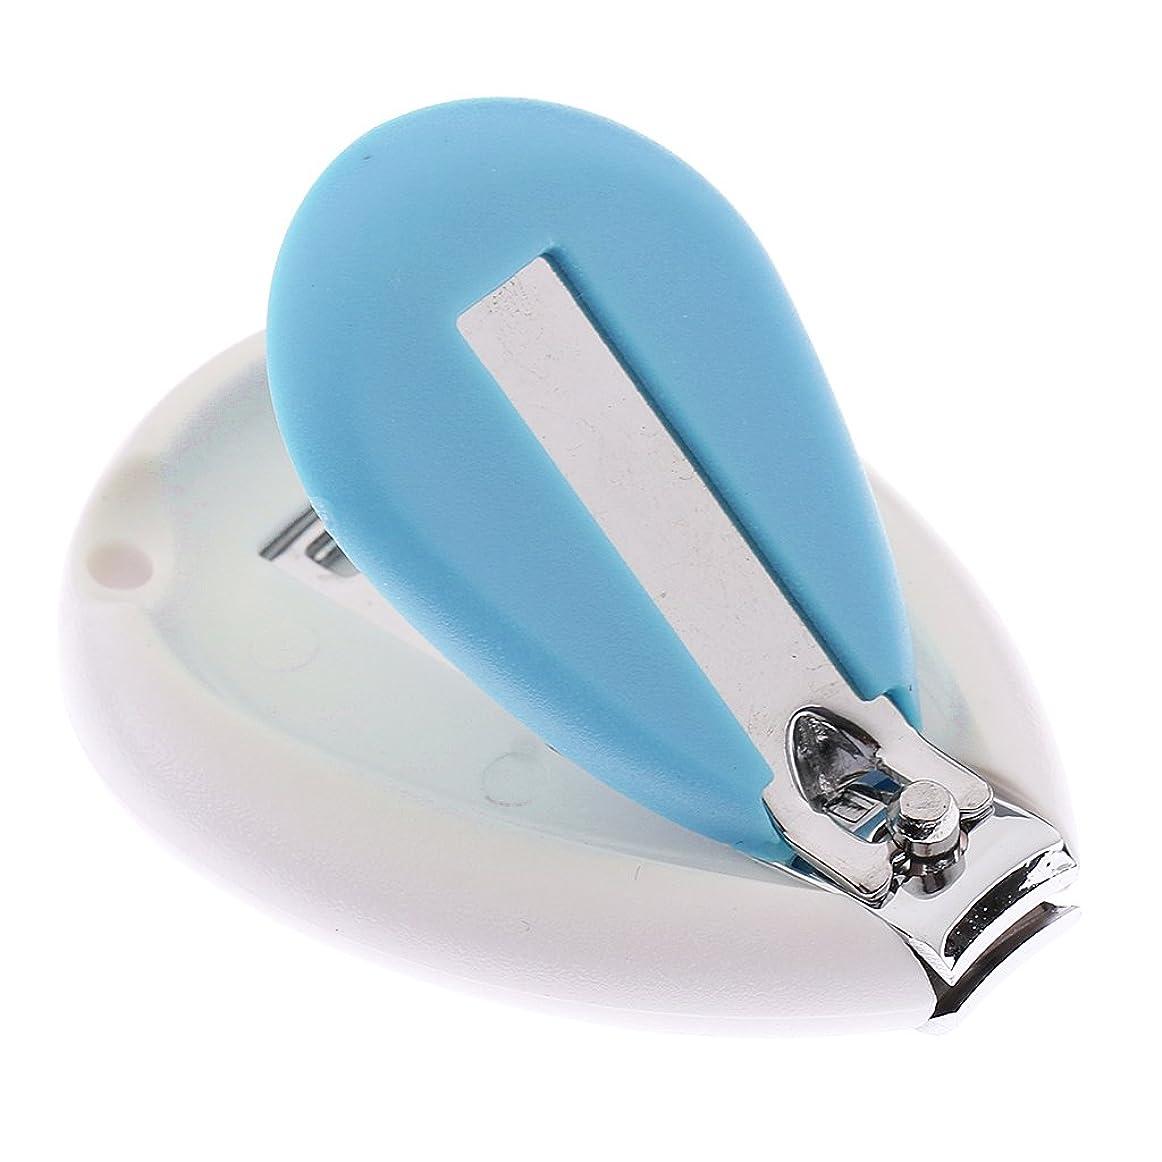 戦略大胆ショートカットGRALARA キッズ 赤ちゃん ネイル クリッパー はさみ トリマー カッター 安全 人間工学 全3色 - 青